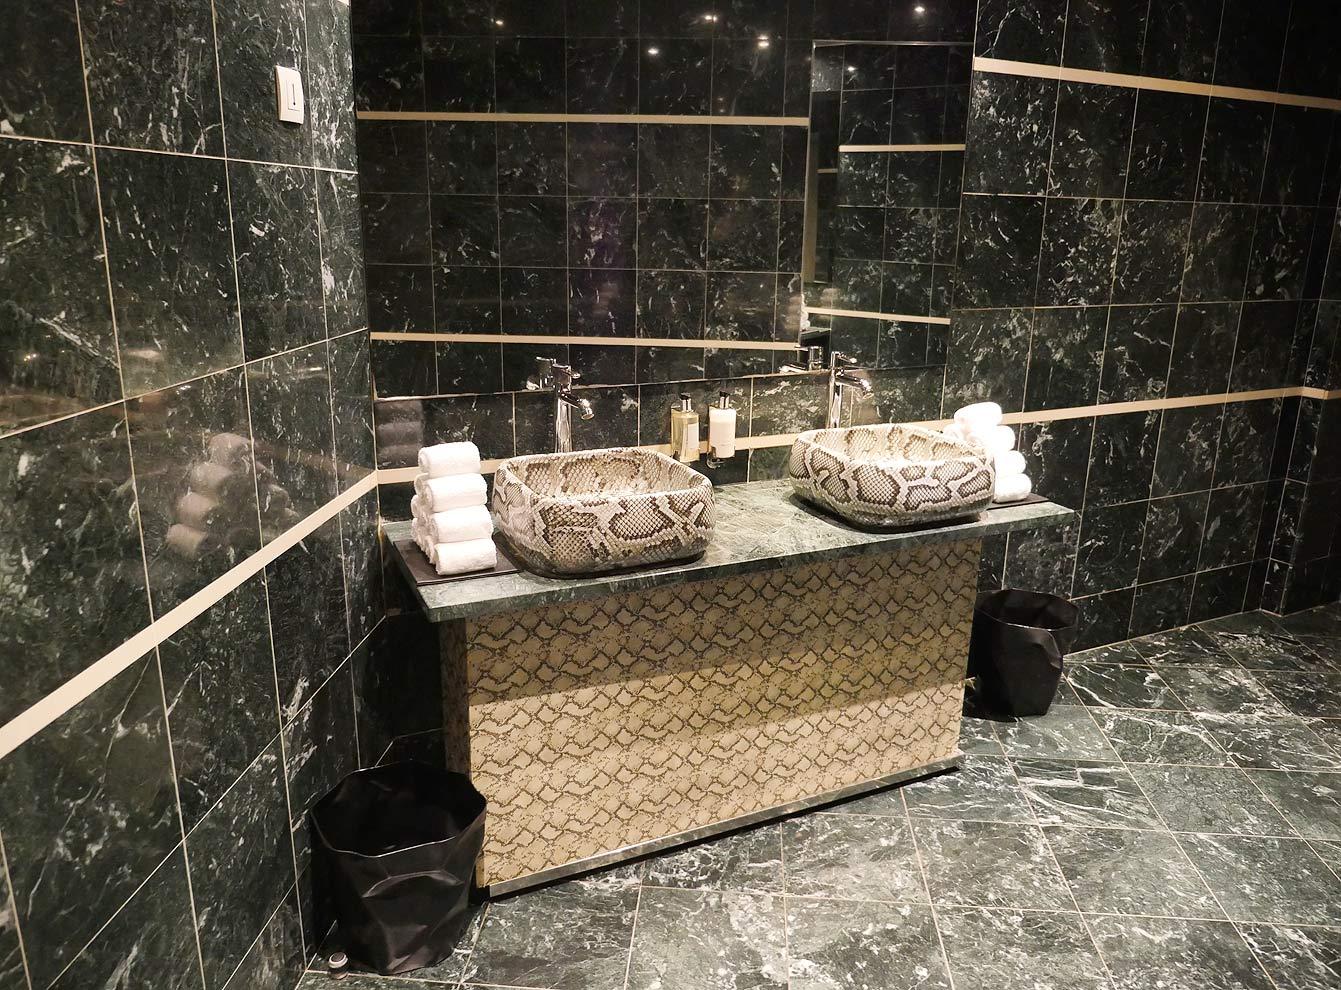 hotel-banke-josefin-toilettes